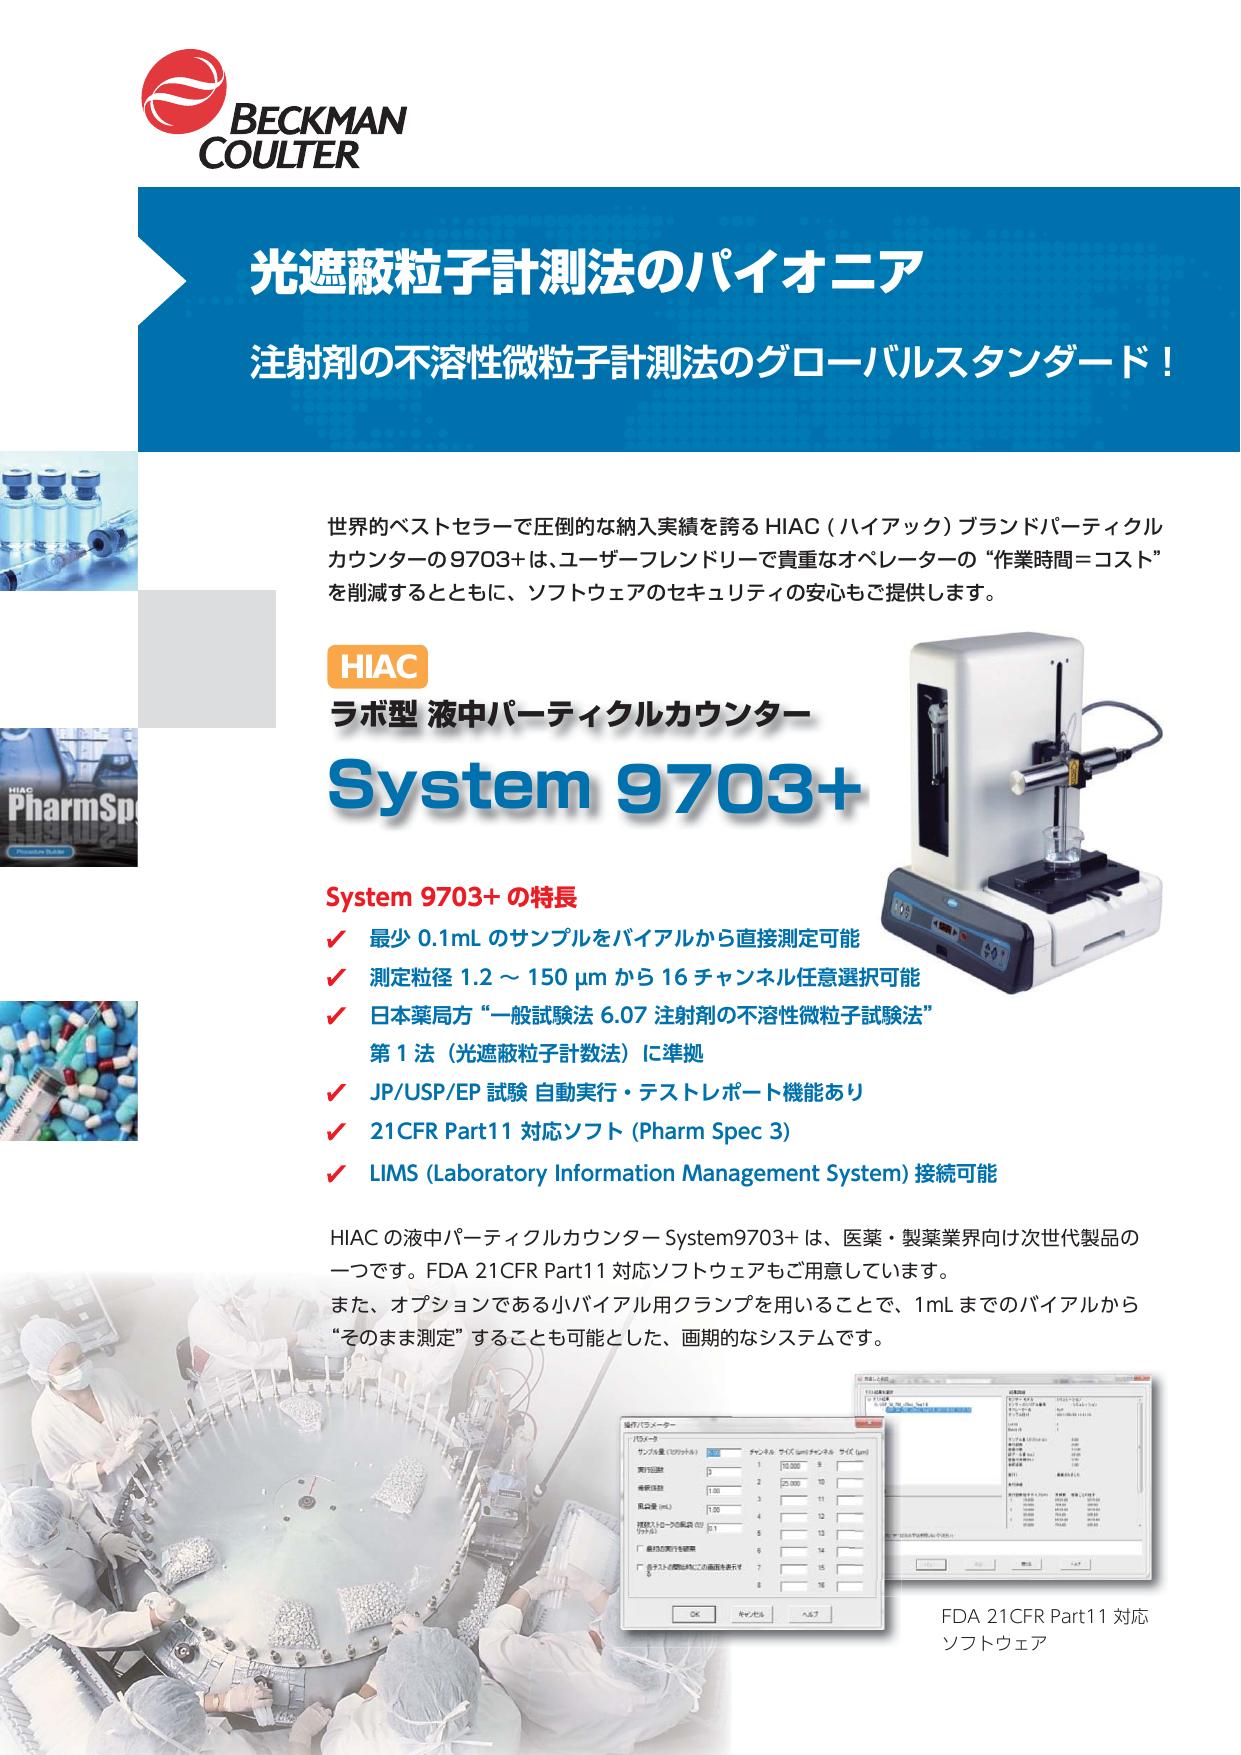 ラボ型液中パーティクルカウンター System 9703+